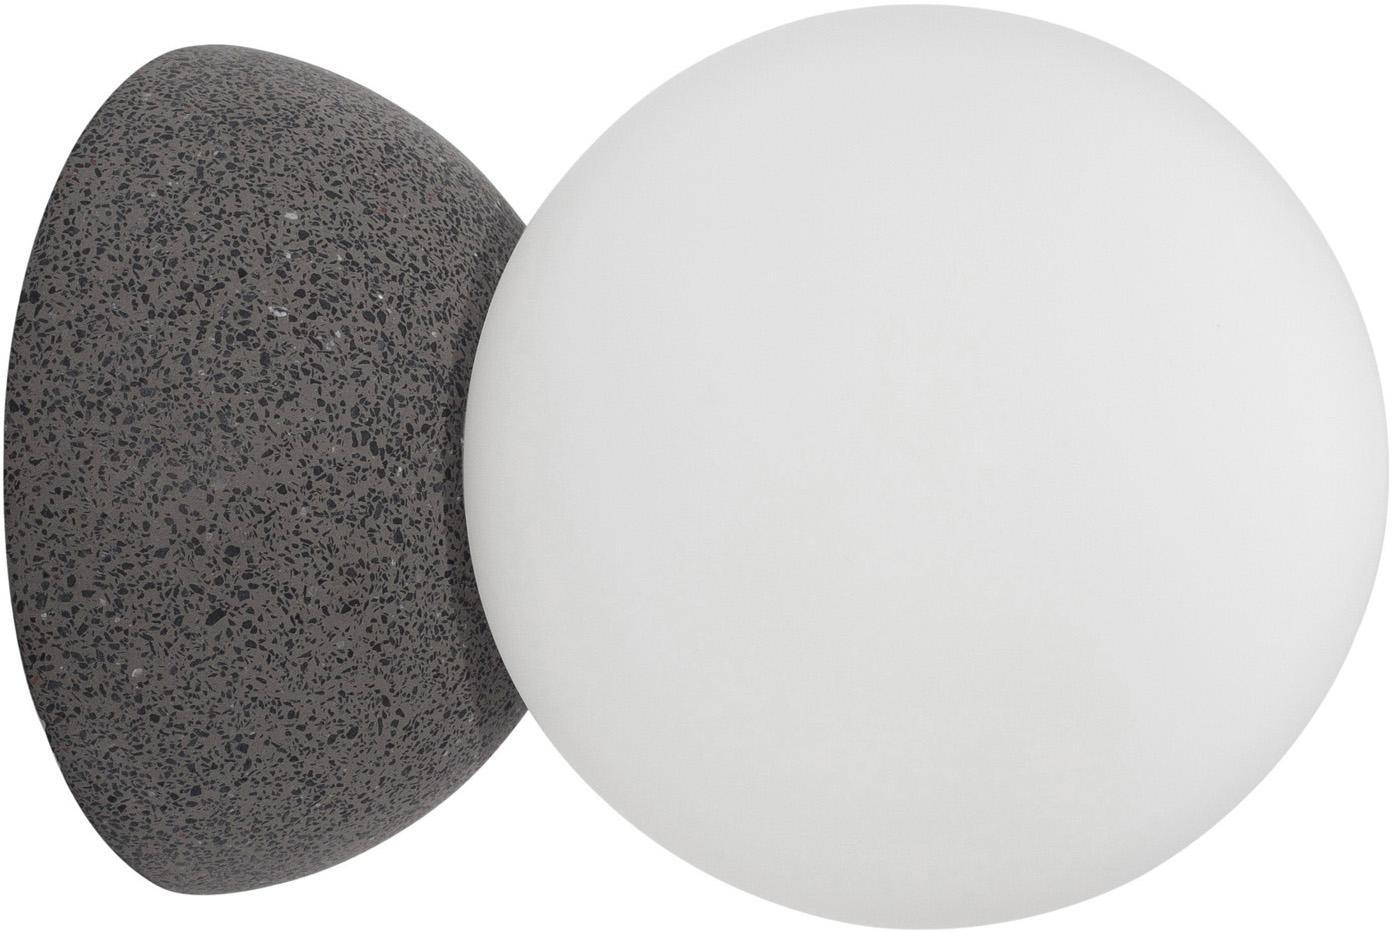 Kinkiet ze szkła opałowego Zero, Szary, biały, Ø 10 x G 14 cm